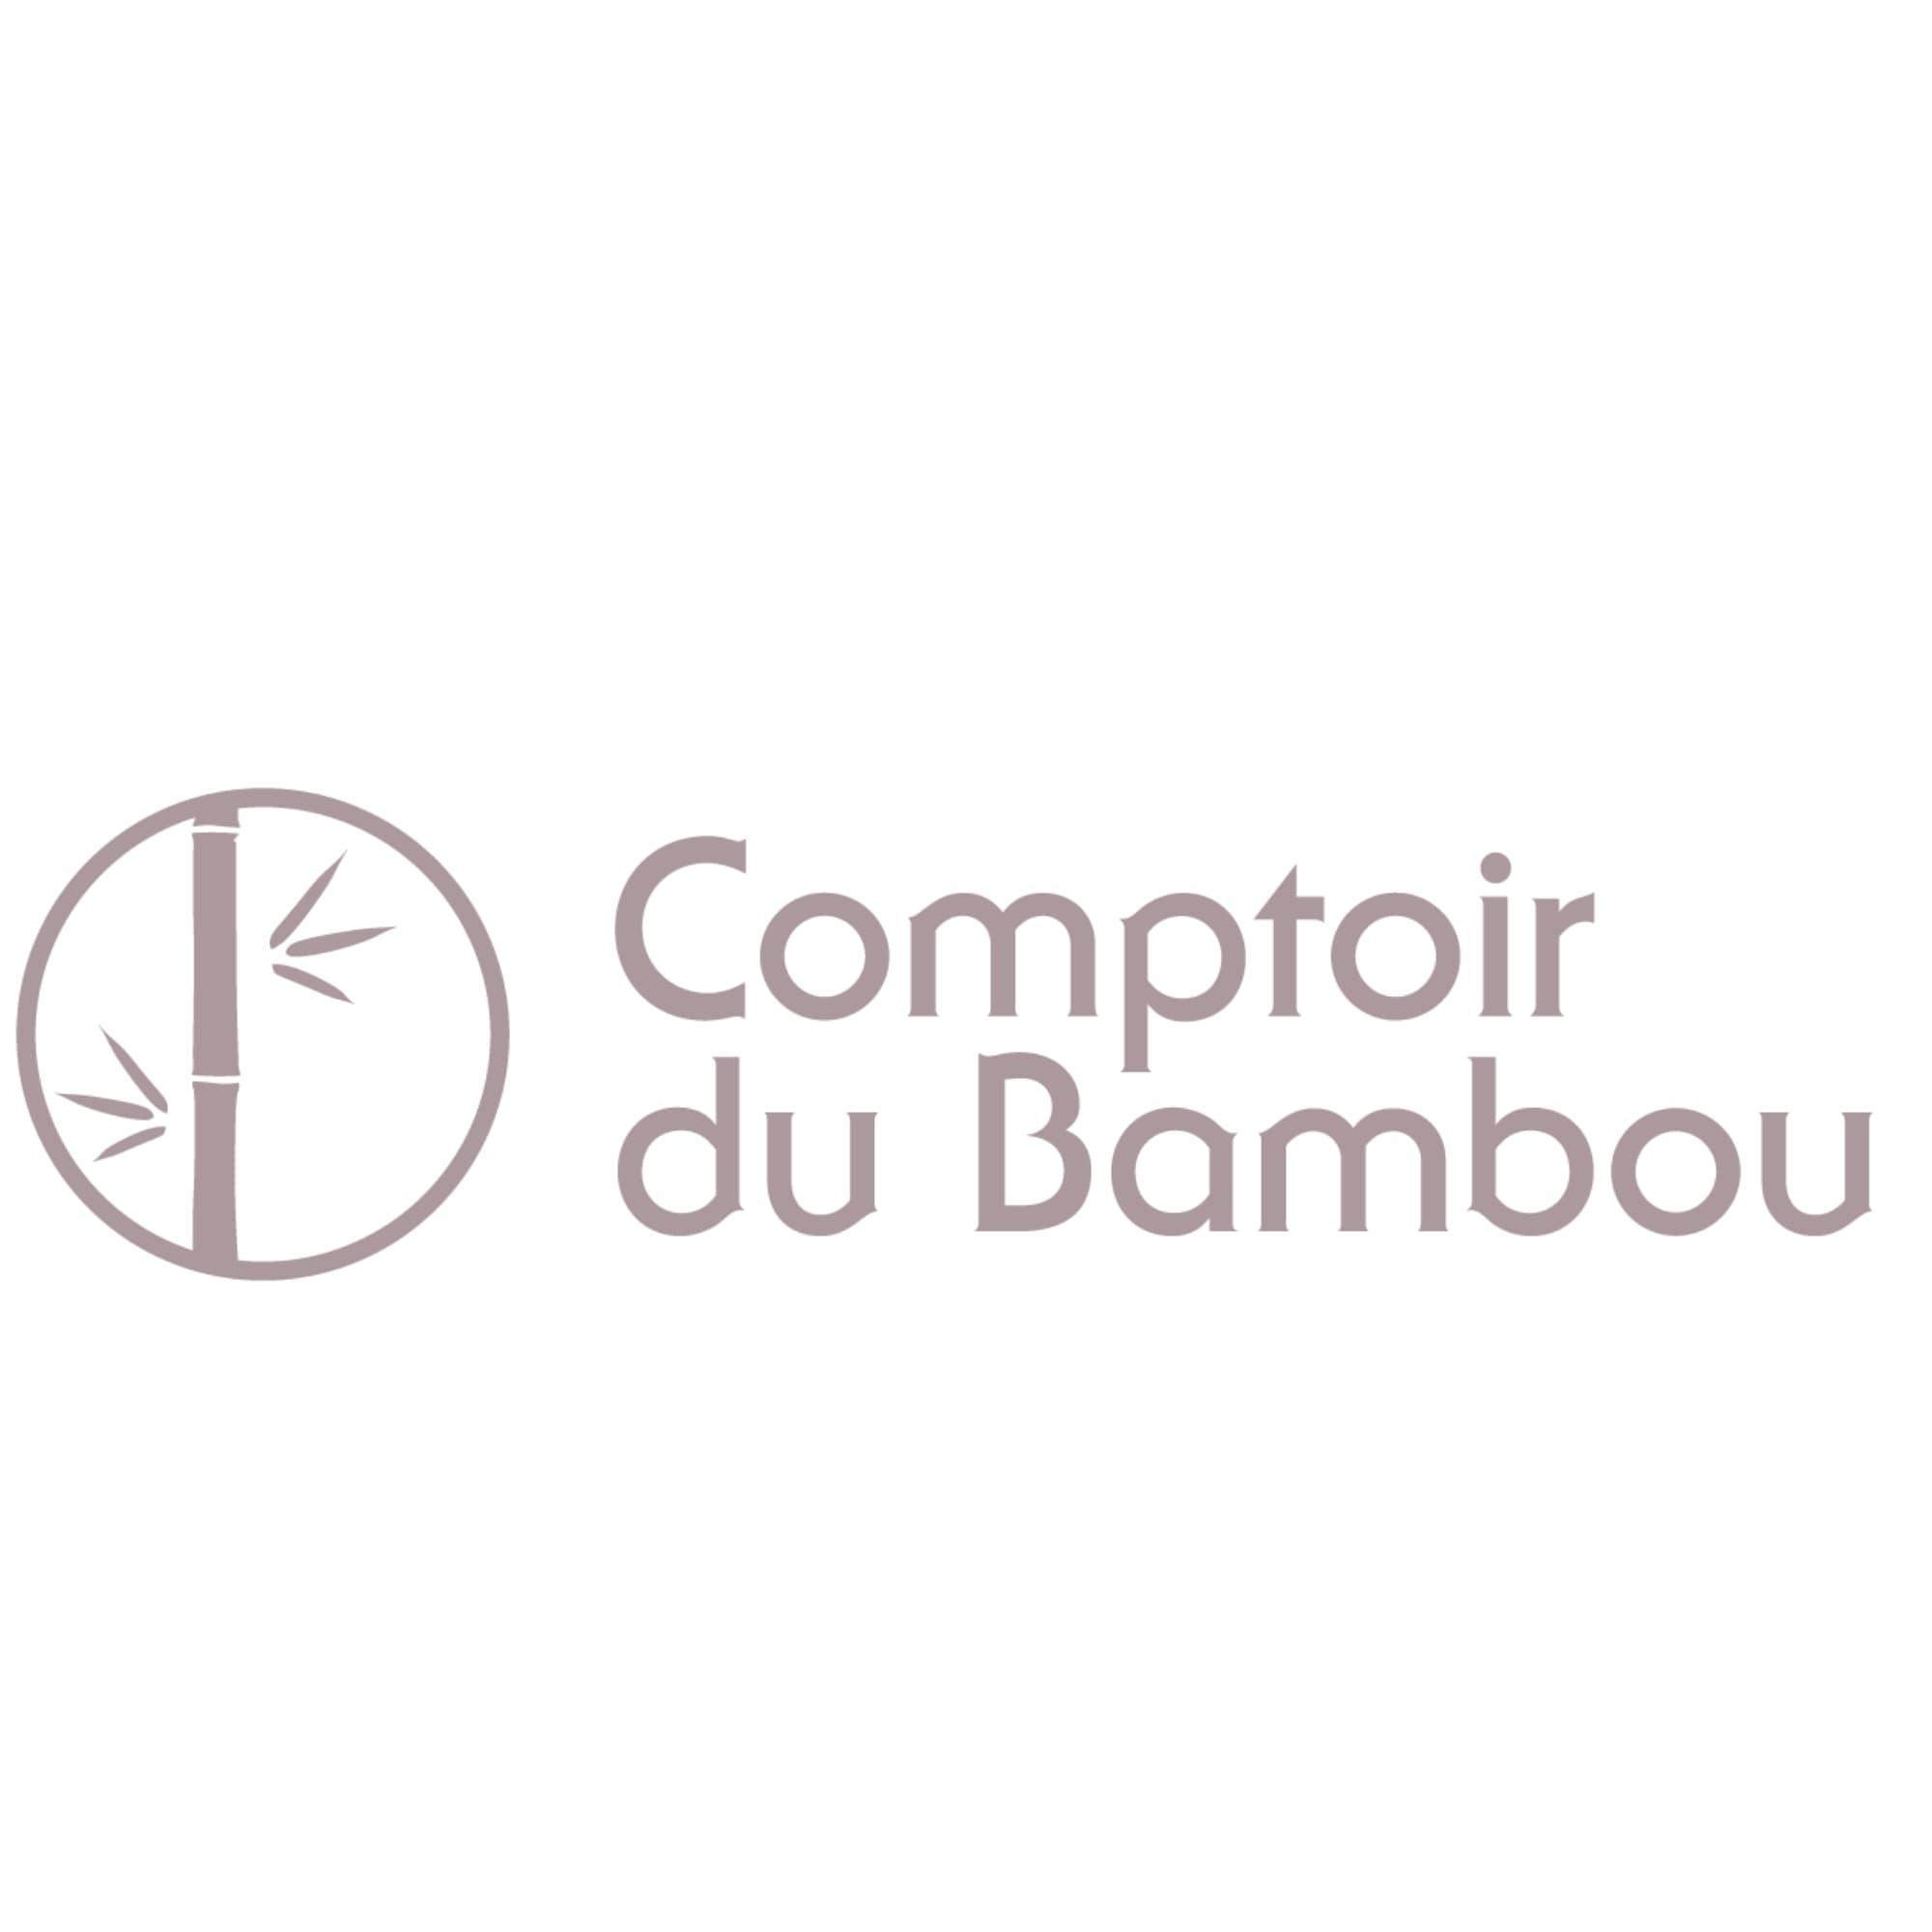 LE COMPTOIR DU BAMBOU